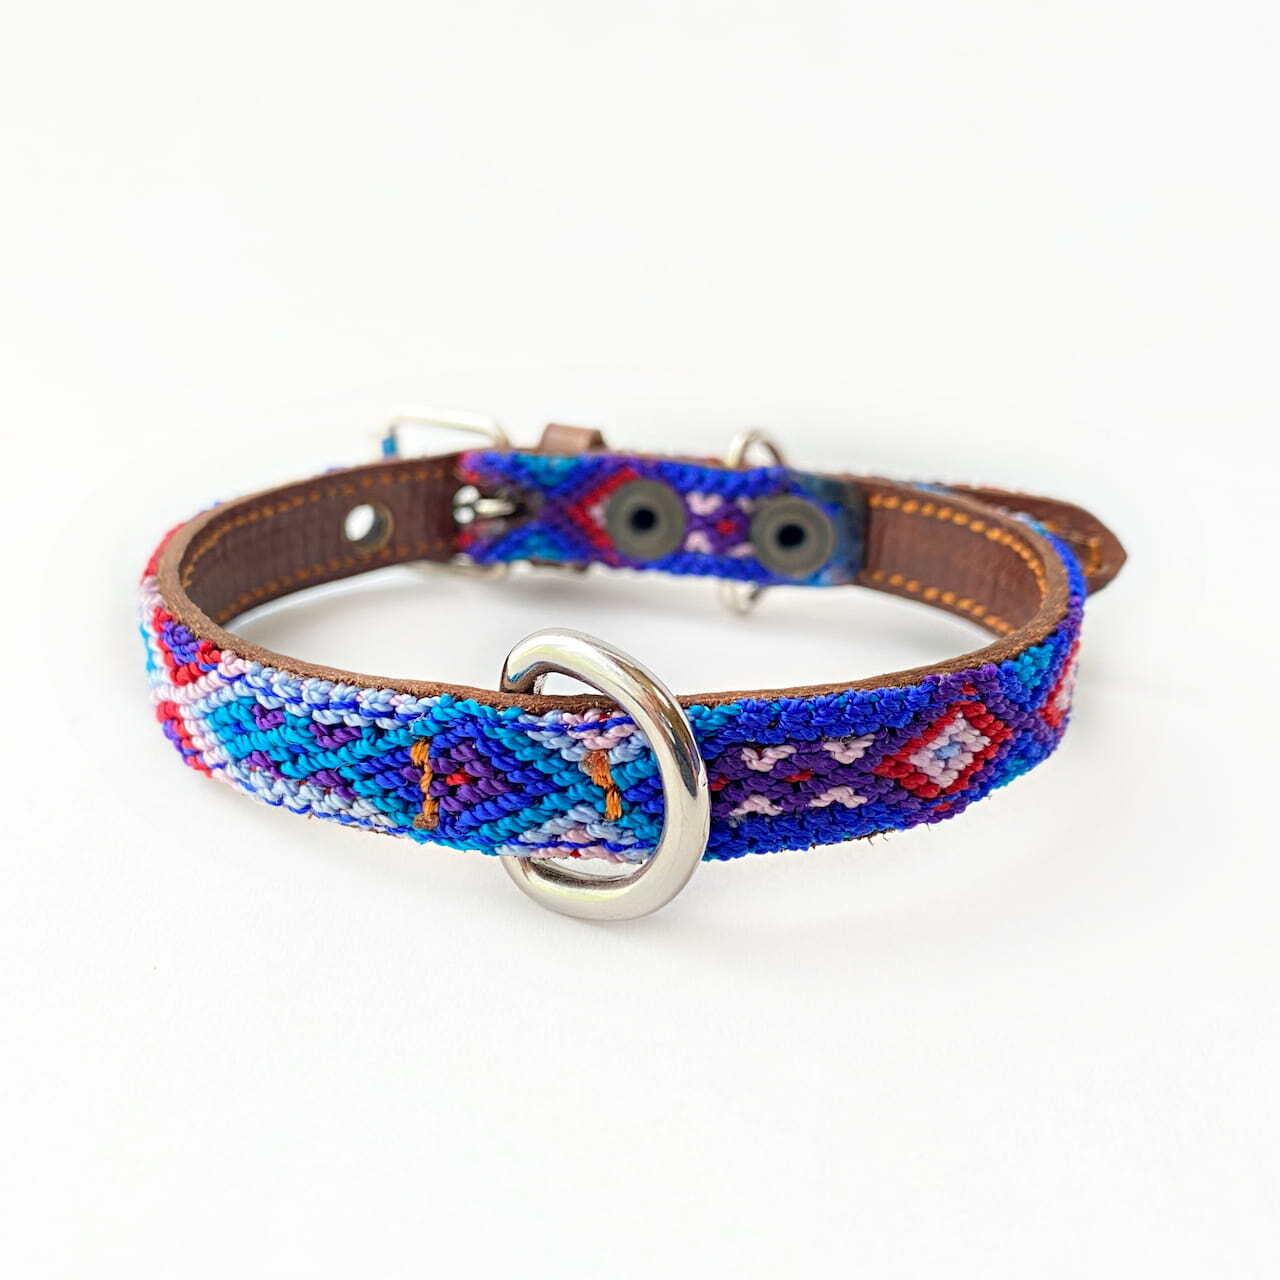 犬の首輪 -サイズXS mini-